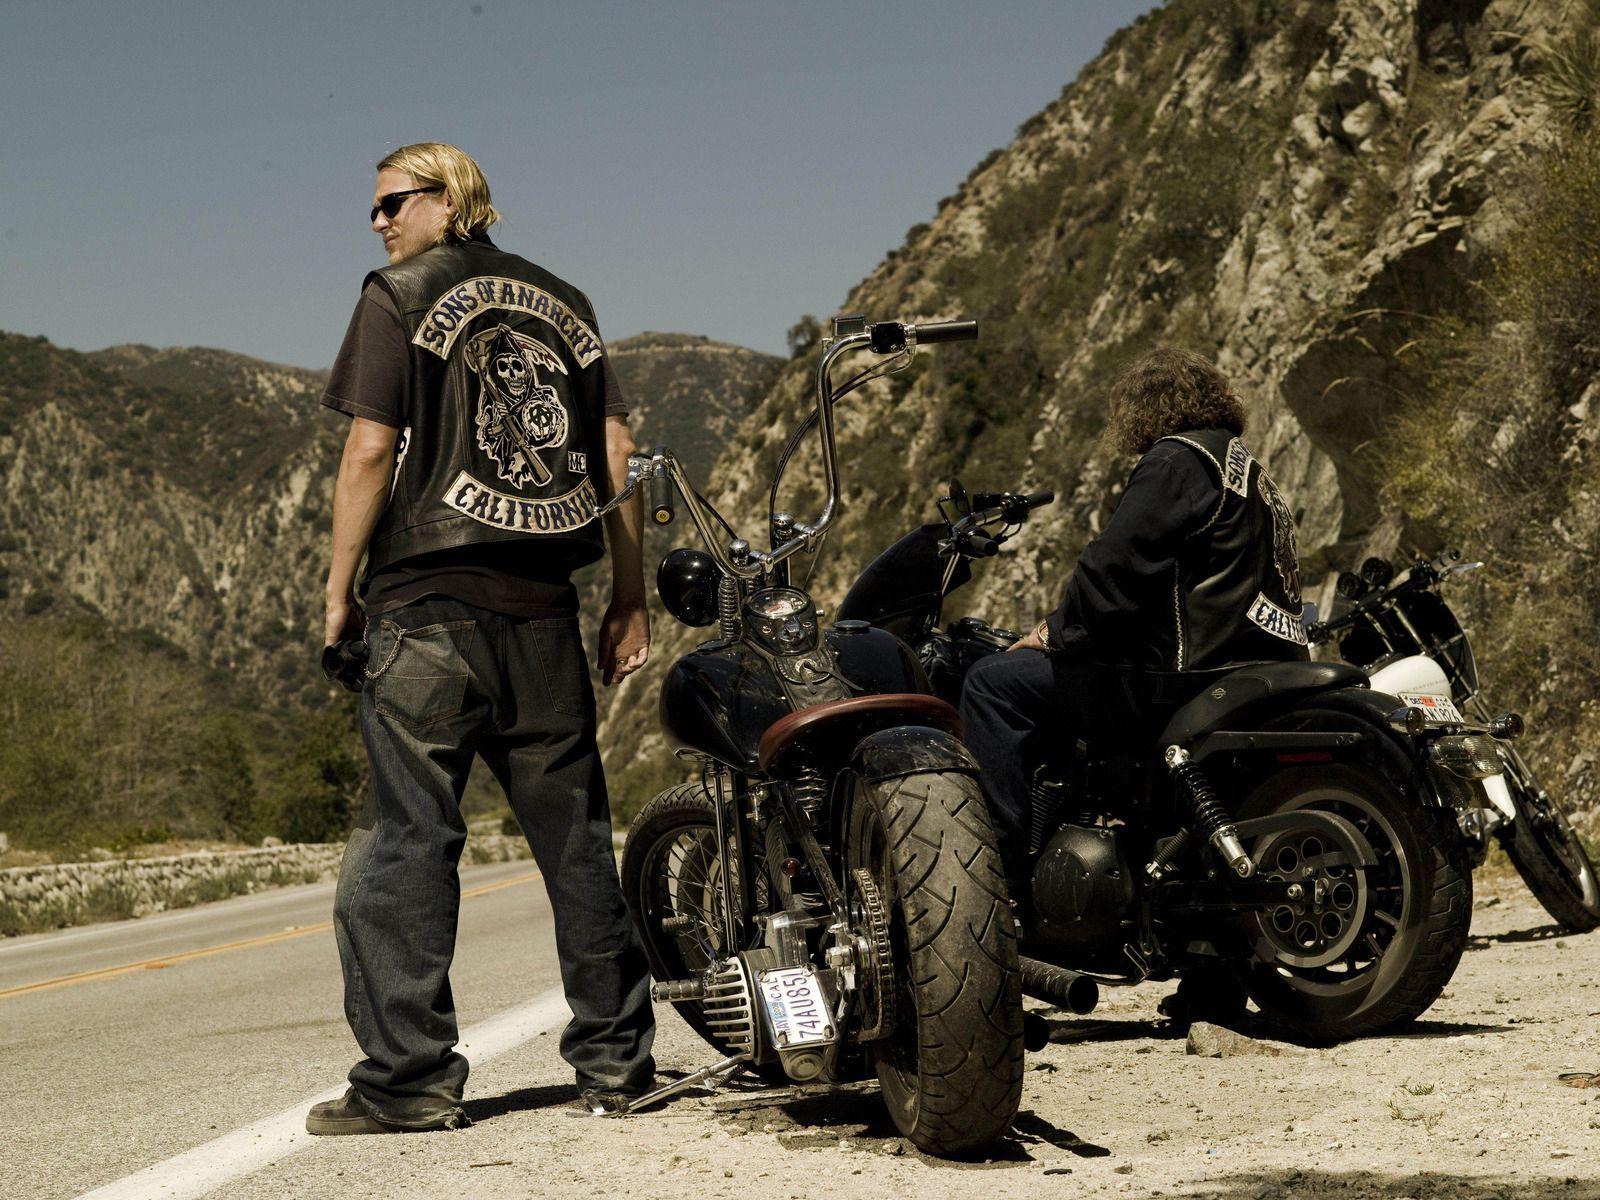 La serie que inspiraron los Hells Angels y que fue un éxito en Estados Unidos